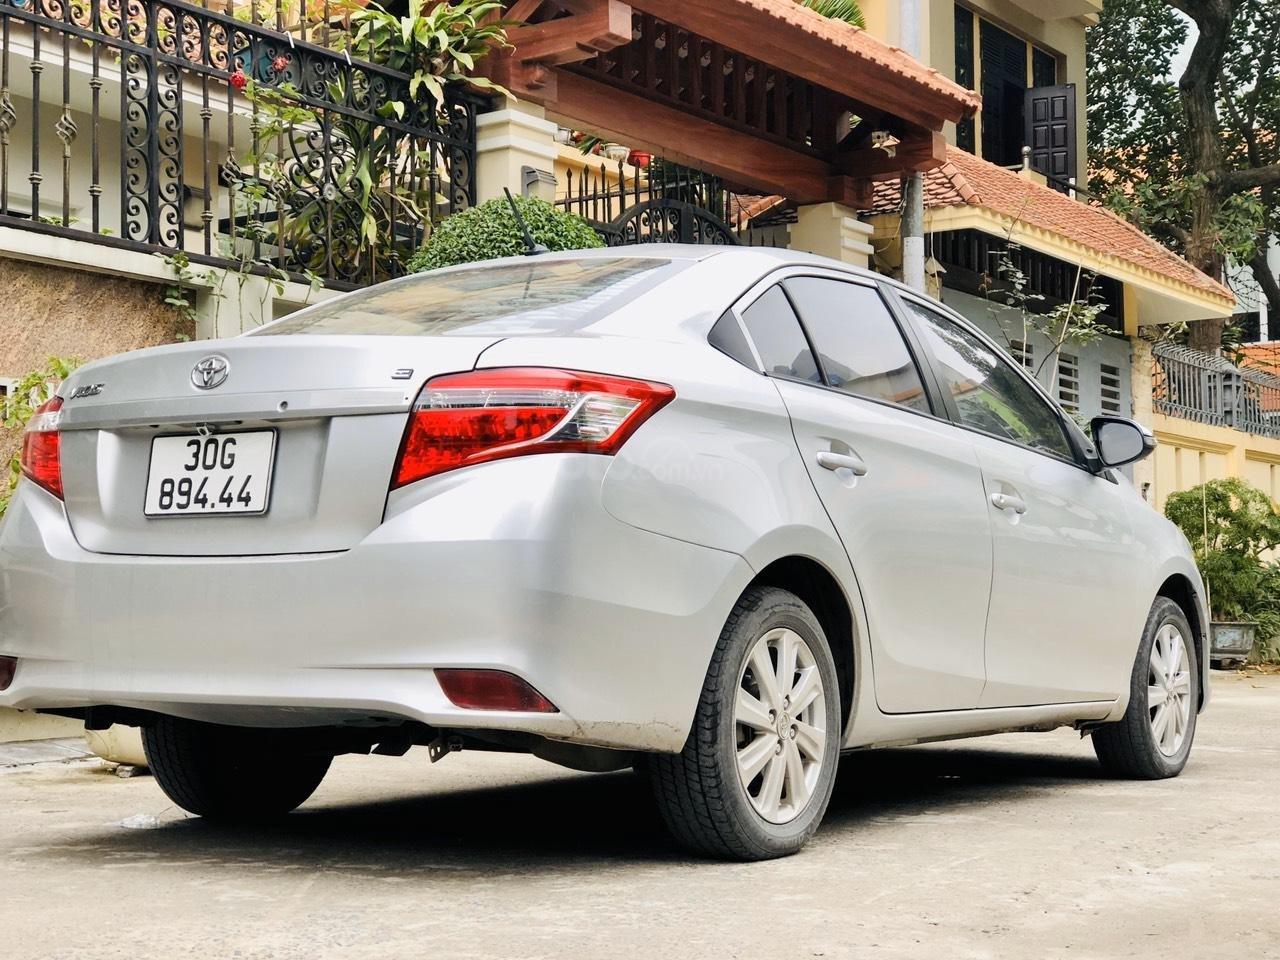 Bán xe Toyota Vios E MT sản xuất 2015, xe đẹp không lỗi nhỏ (4)